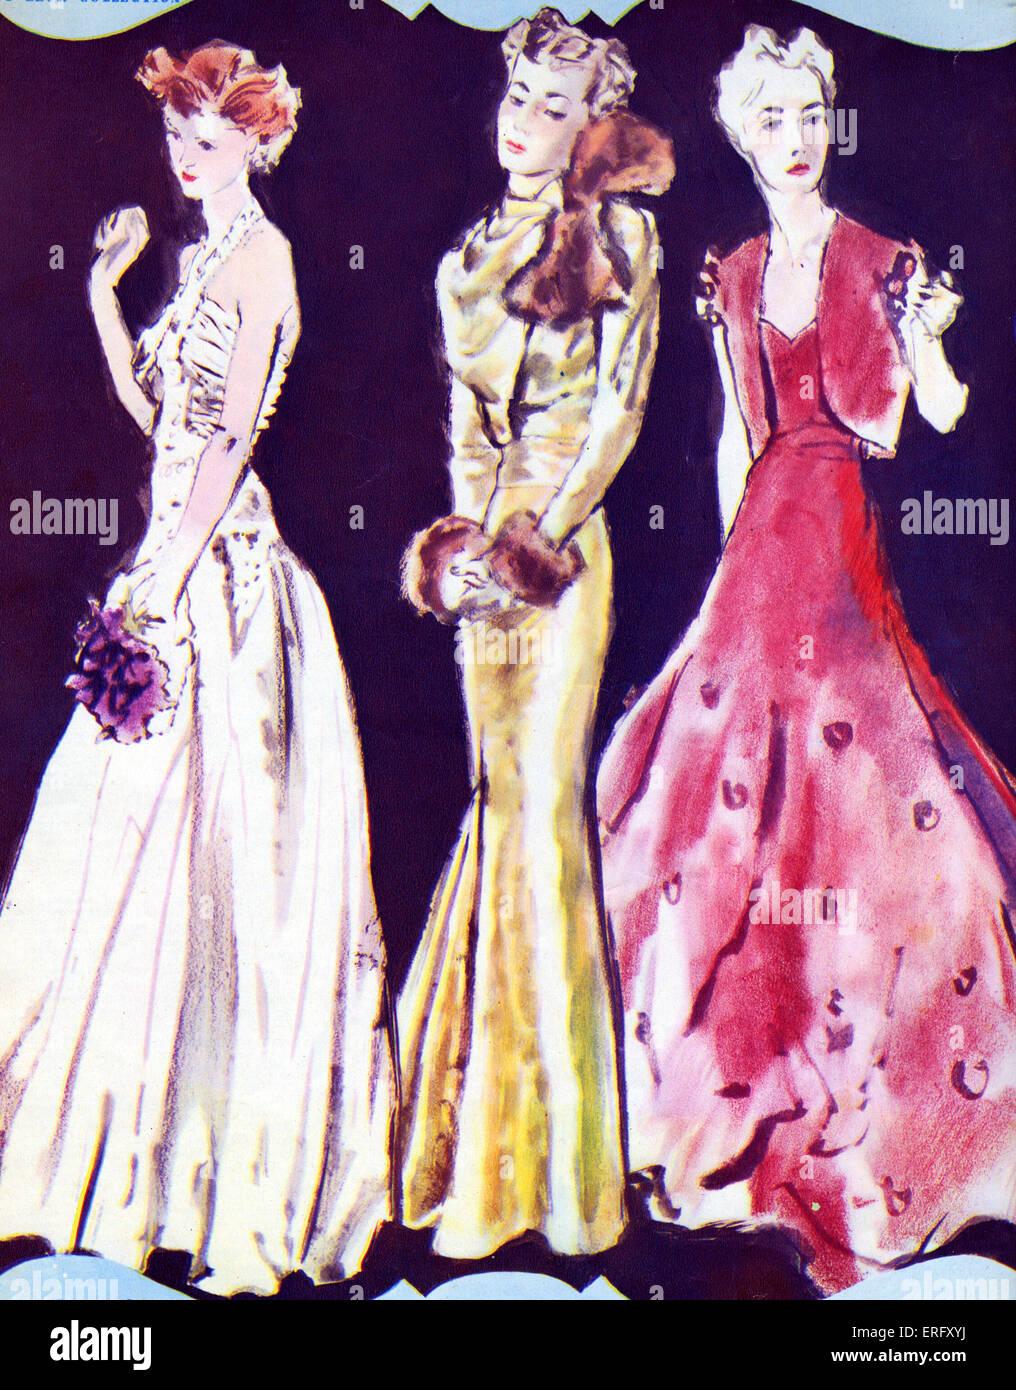 Französische Mode, Abendkleider von 12-Herbst-Kollektion von